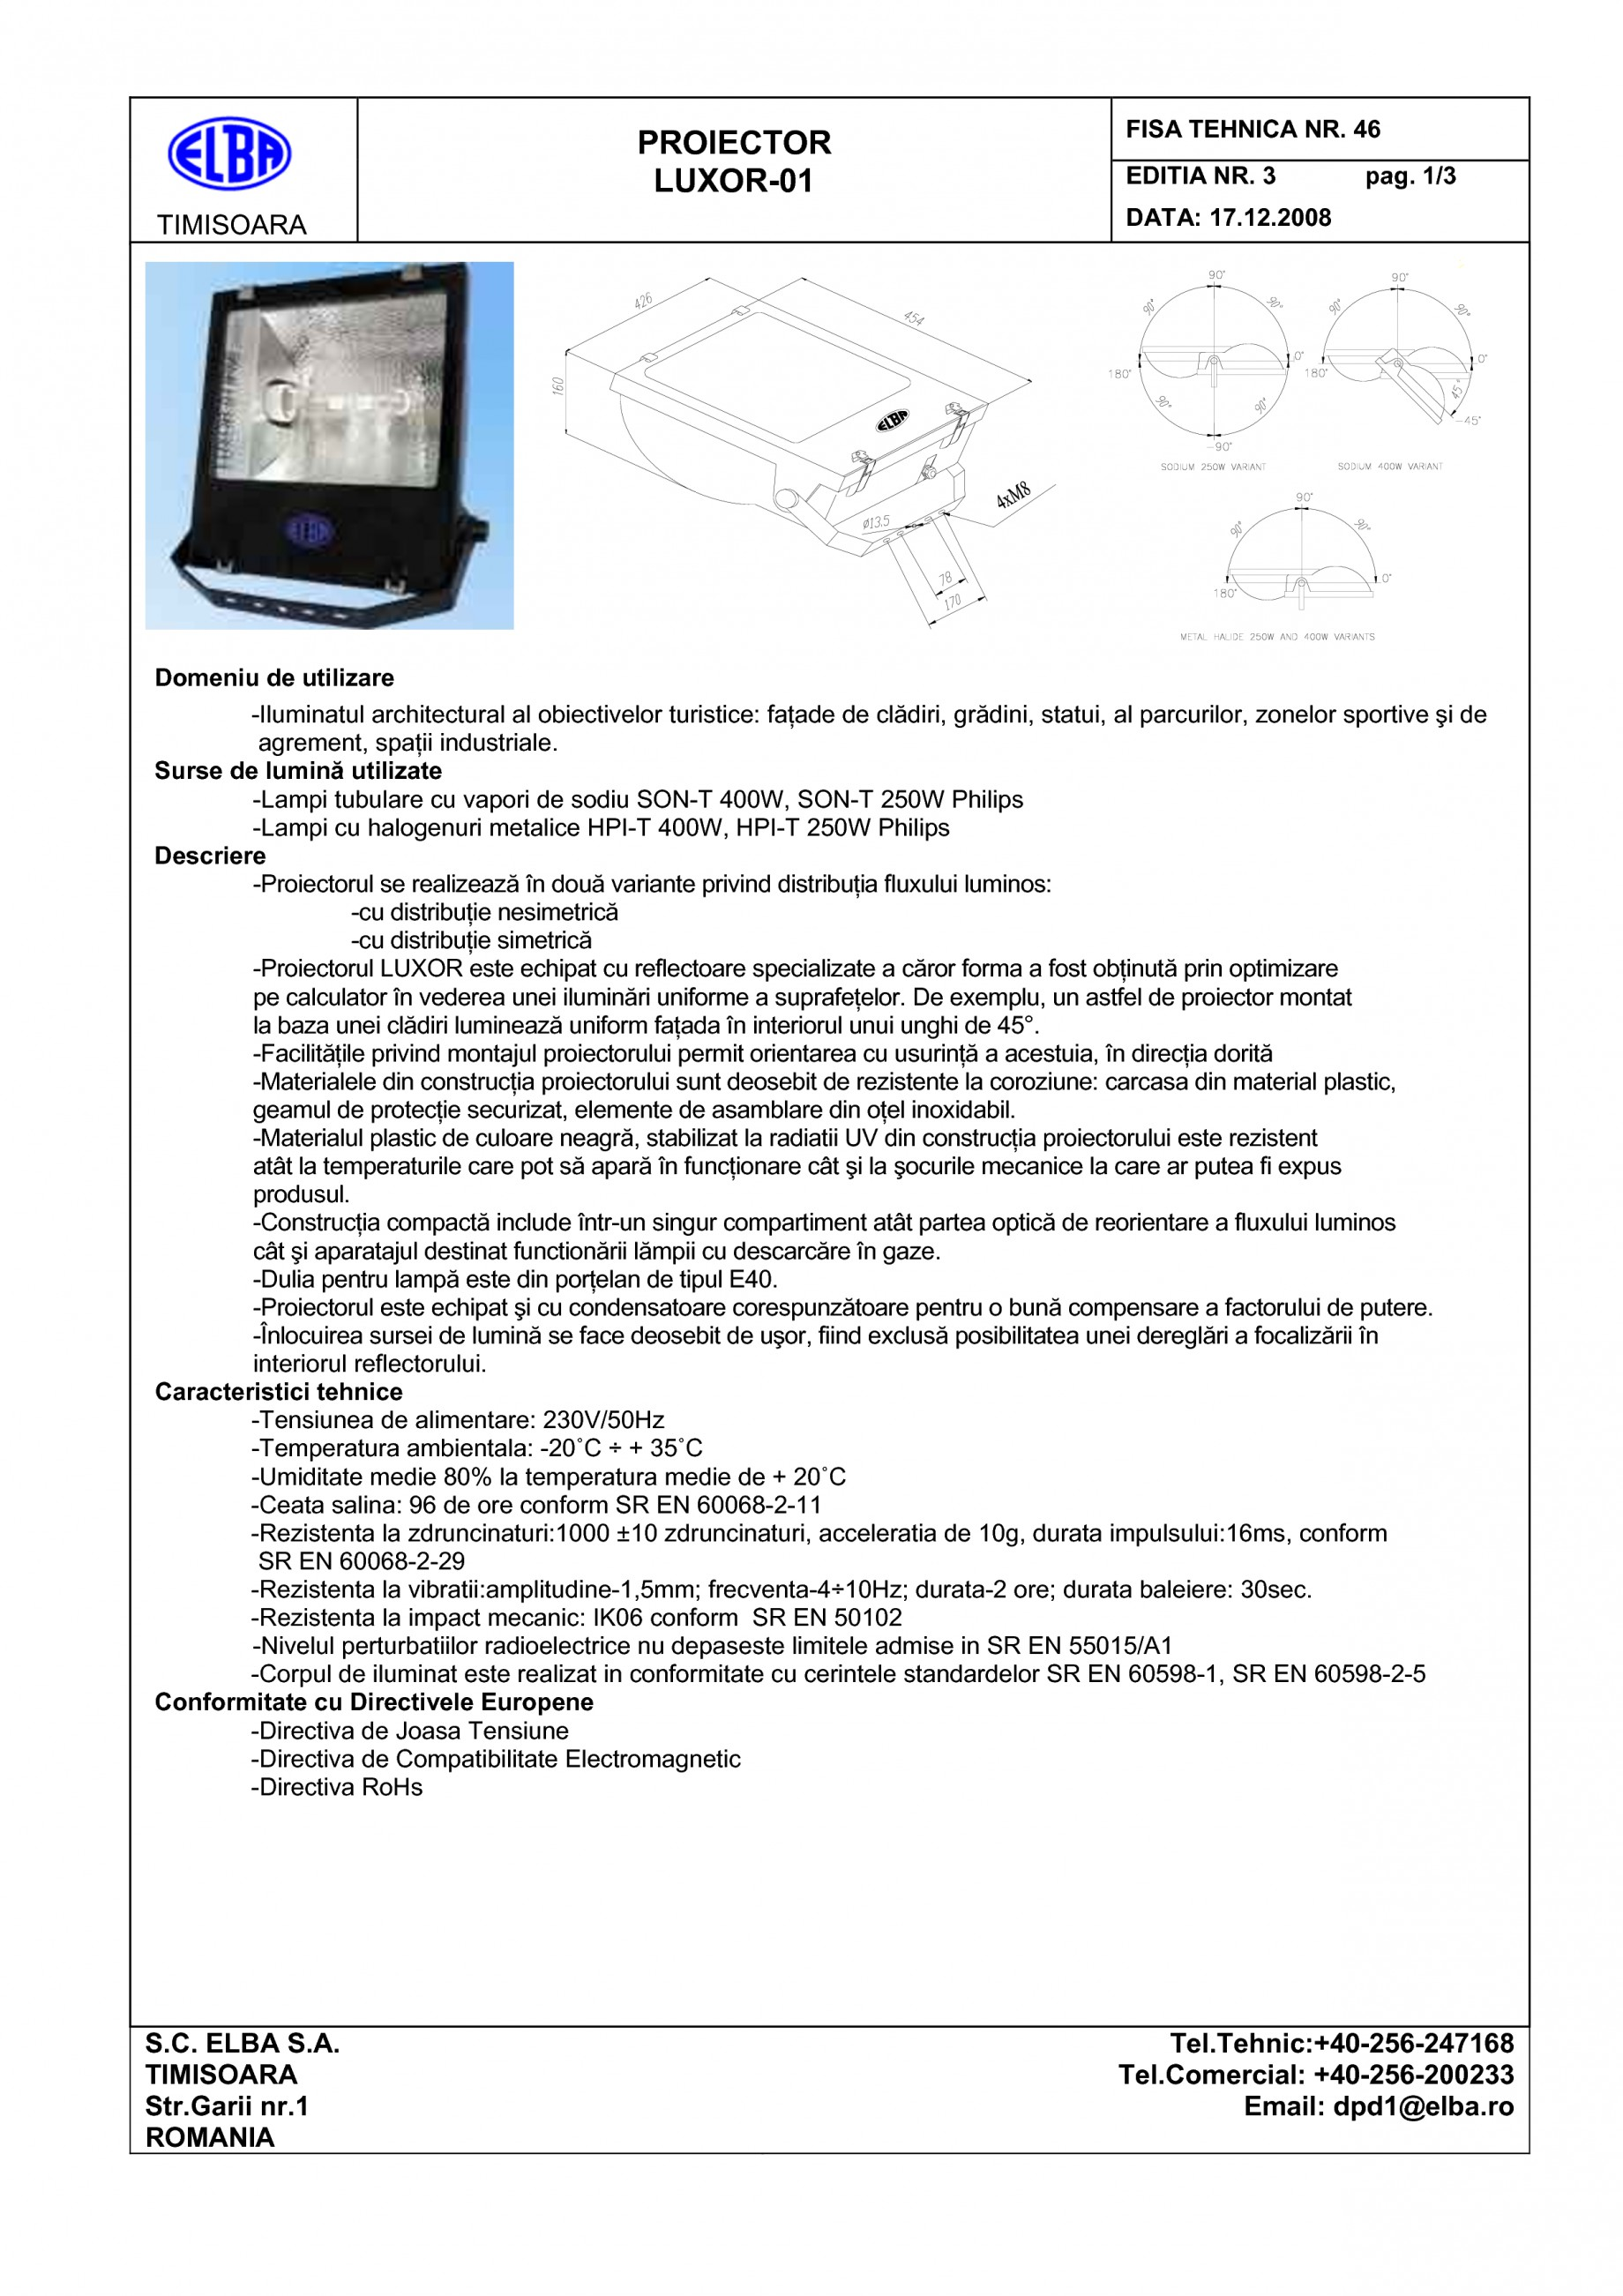 Fisa tehnica Proiector LUXOR 01 ELBA Spoturi, proiectoare si proiectoare pentru spatii largi ELBA  - Pagina 1